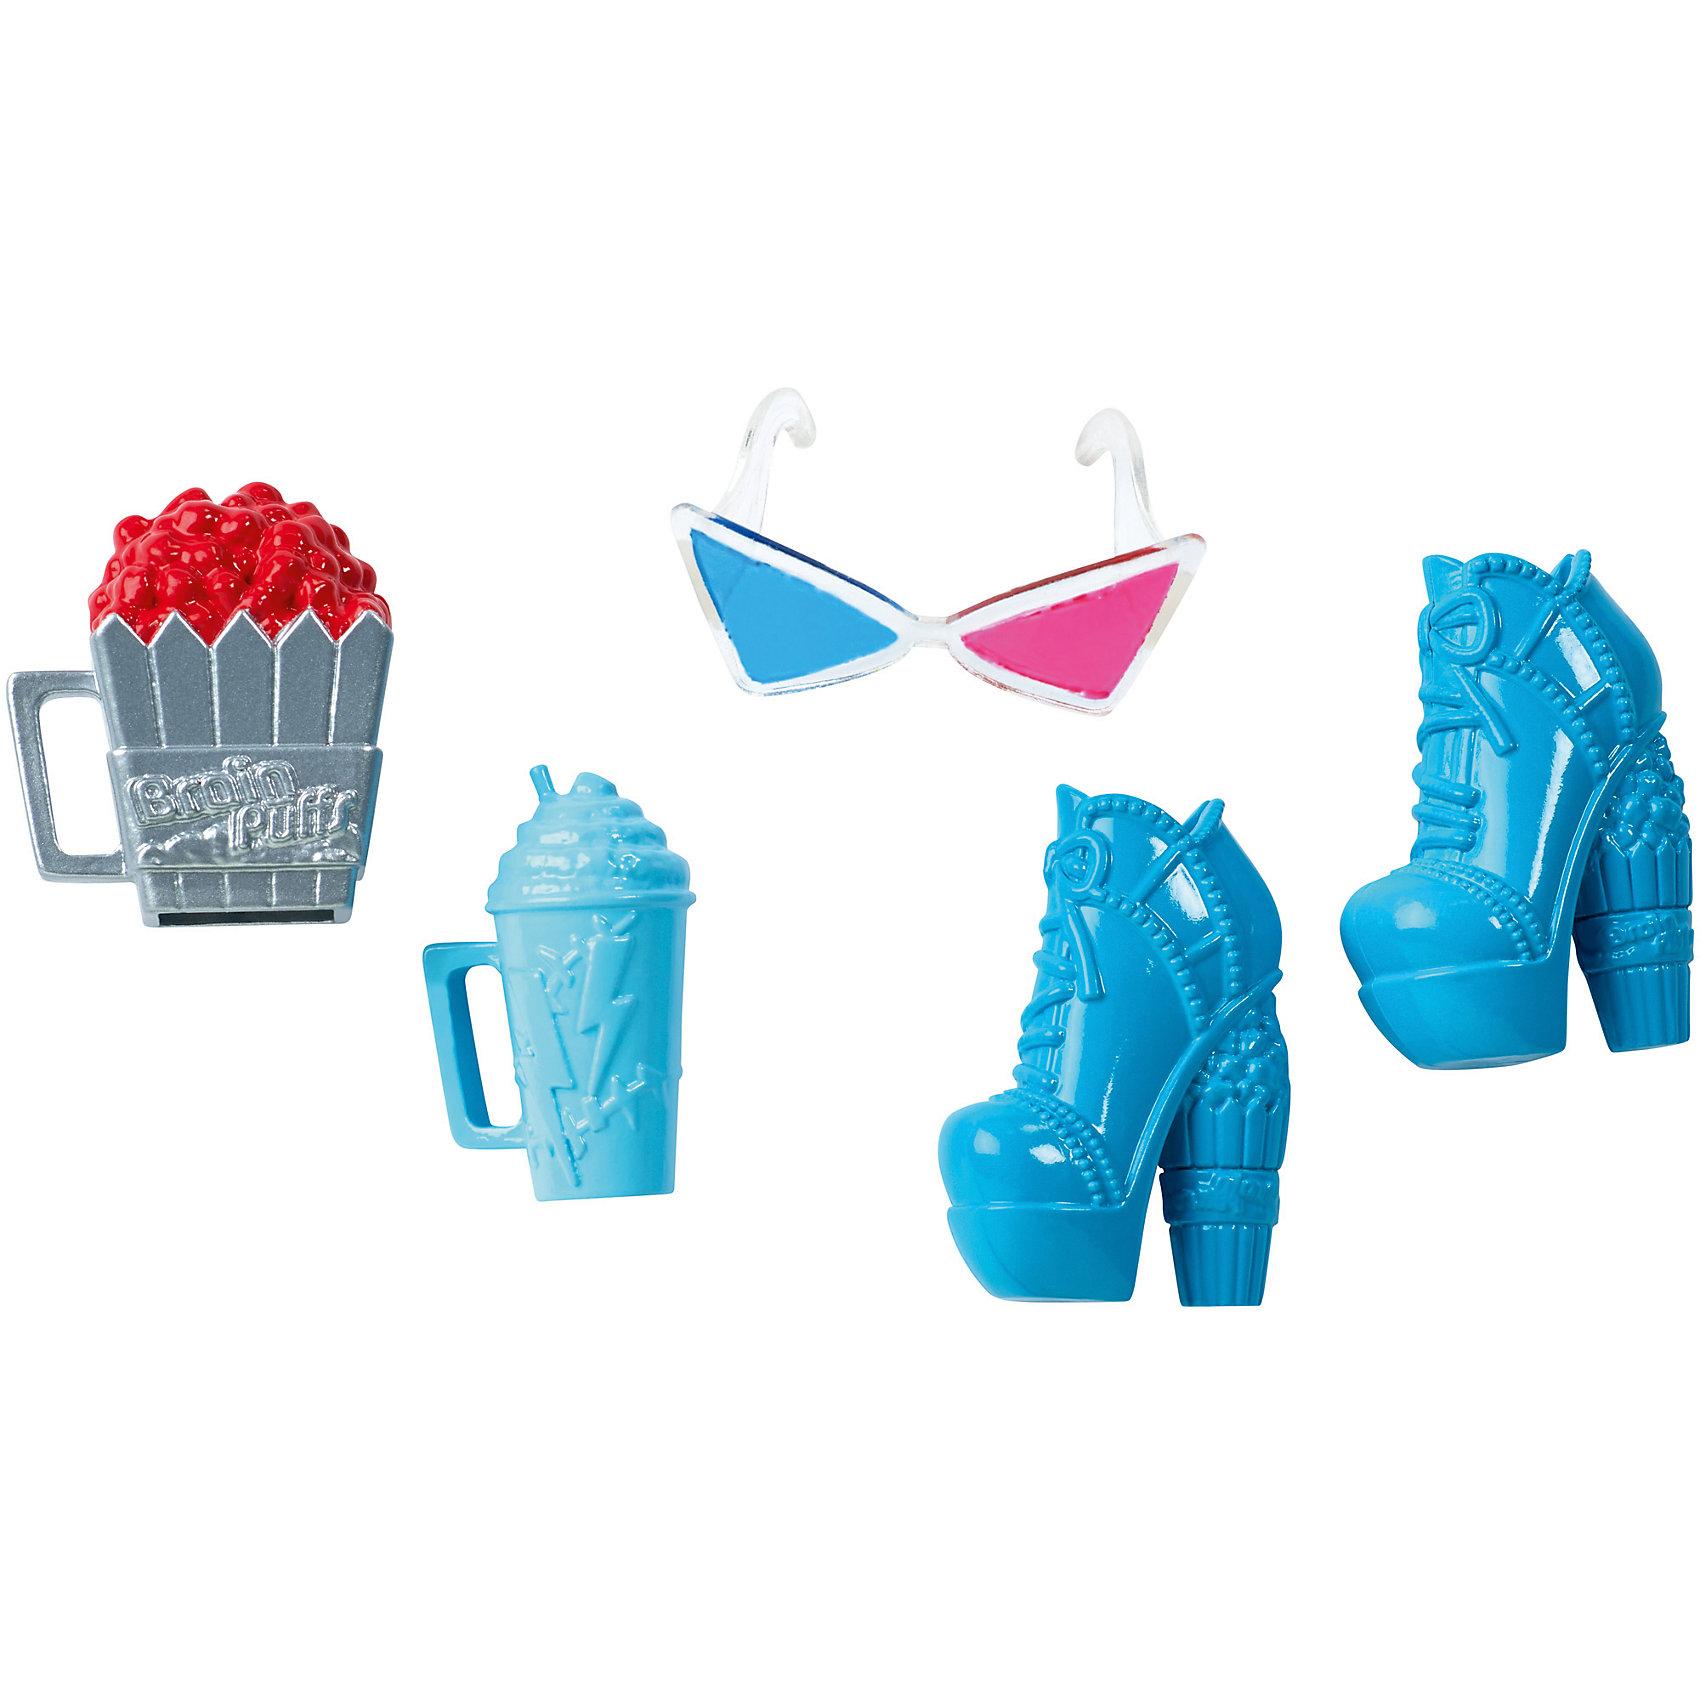 Набор аксессуаров , Monster High<br><br>Ширина мм: 15<br>Глубина мм: 75<br>Высота мм: 150<br>Вес г: 43<br>Возраст от месяцев: 72<br>Возраст до месяцев: 144<br>Пол: Женский<br>Возраст: Детский<br>SKU: 4953560